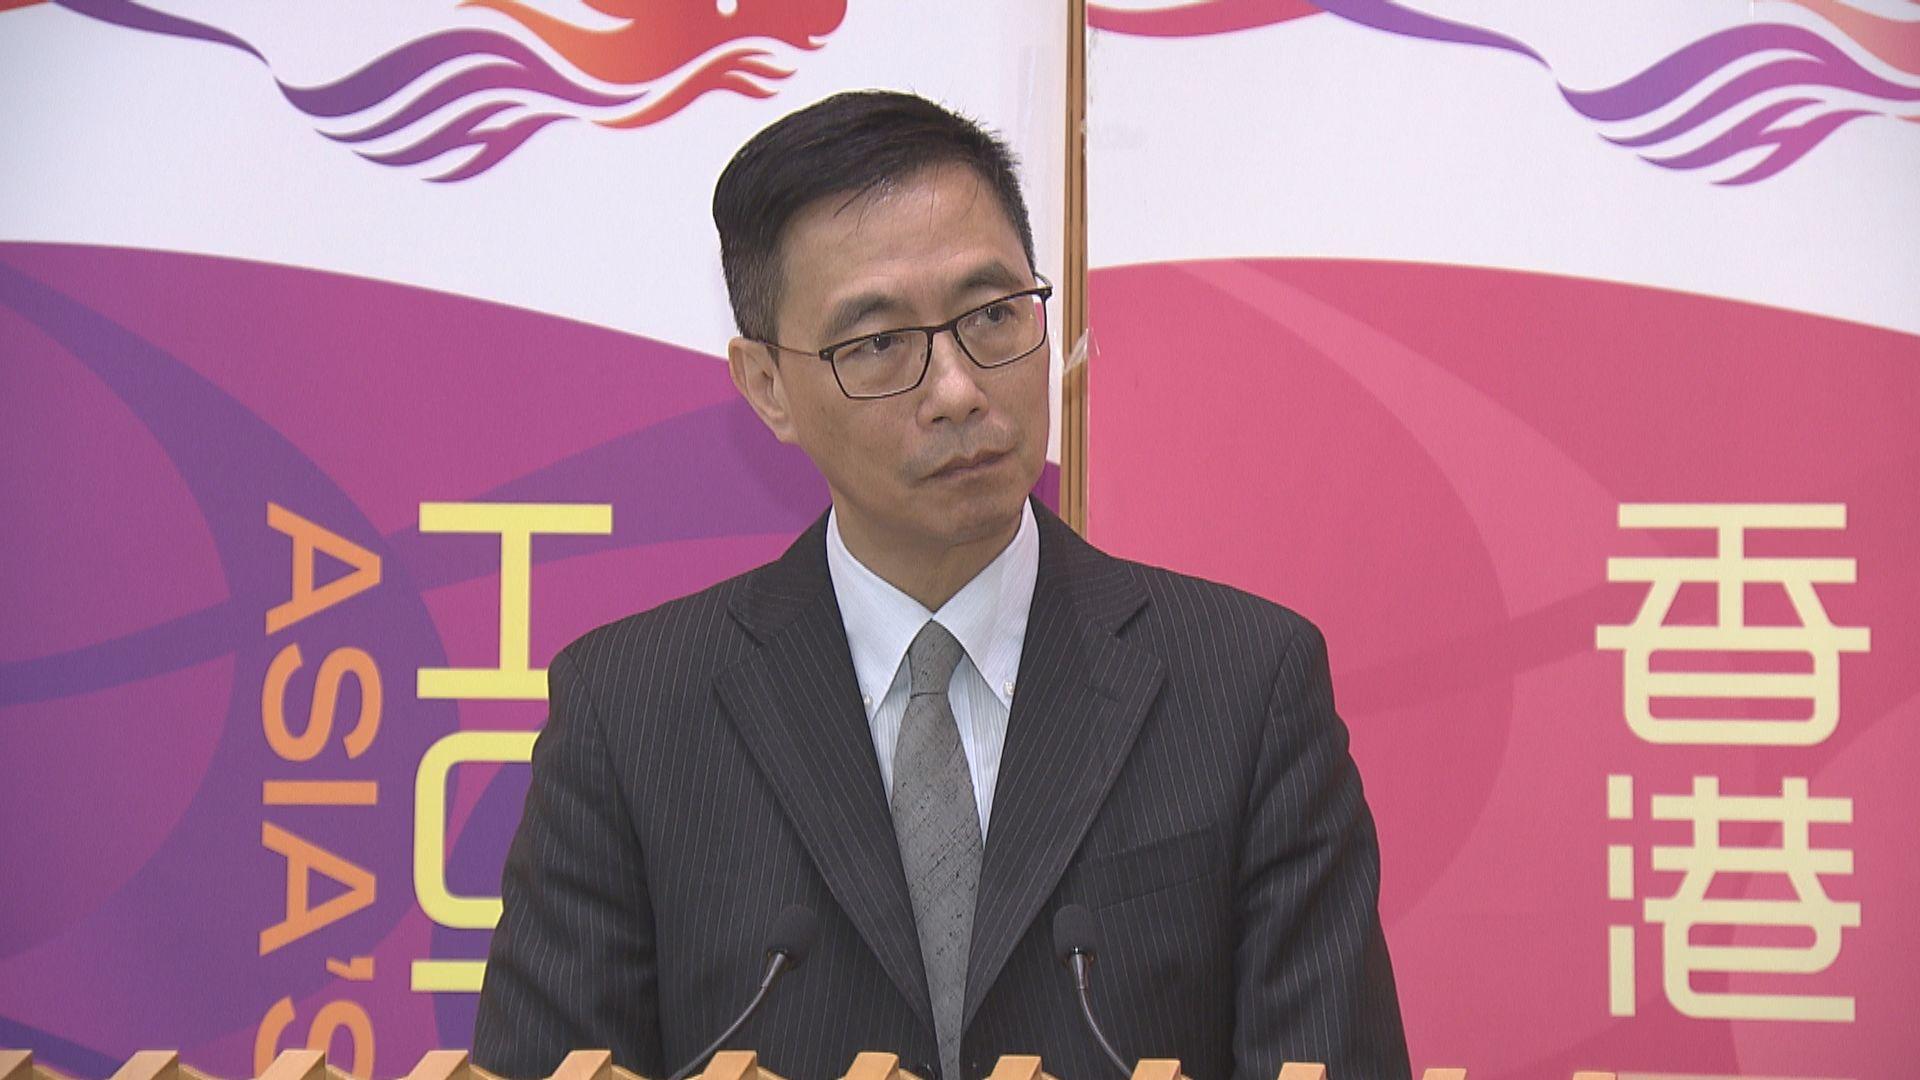 楊潤雄:研究明年文憑試或延後及縮短考試時間